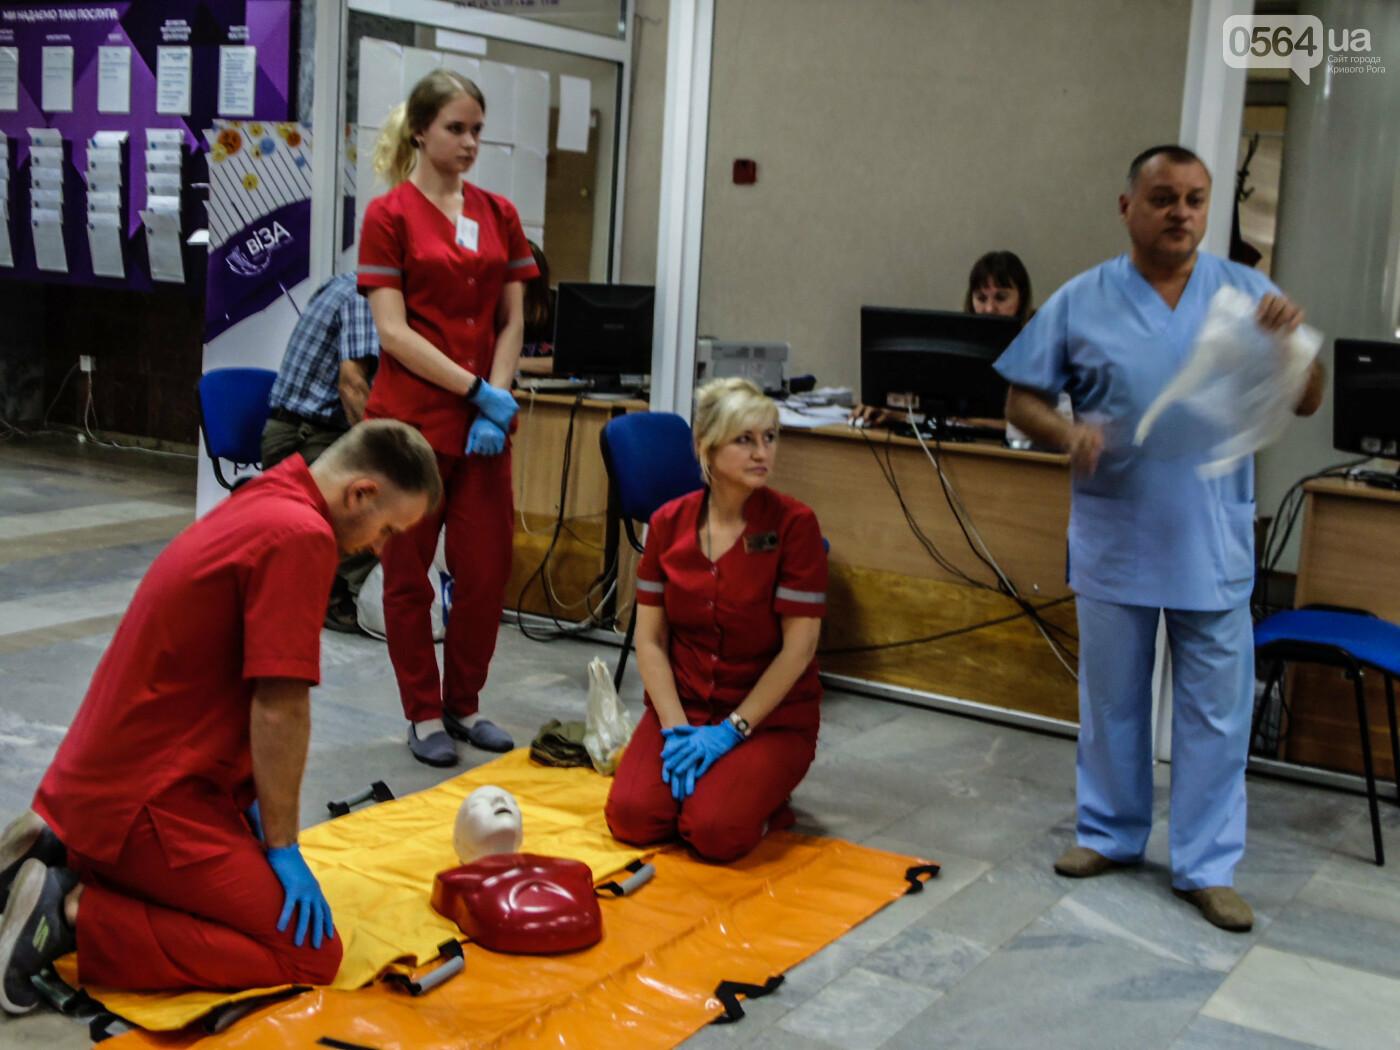 В Криворожском горисполкоме обучали оказывать людям первую медицинскую помощь, - ФОТО, ВИДЕО , фото-1